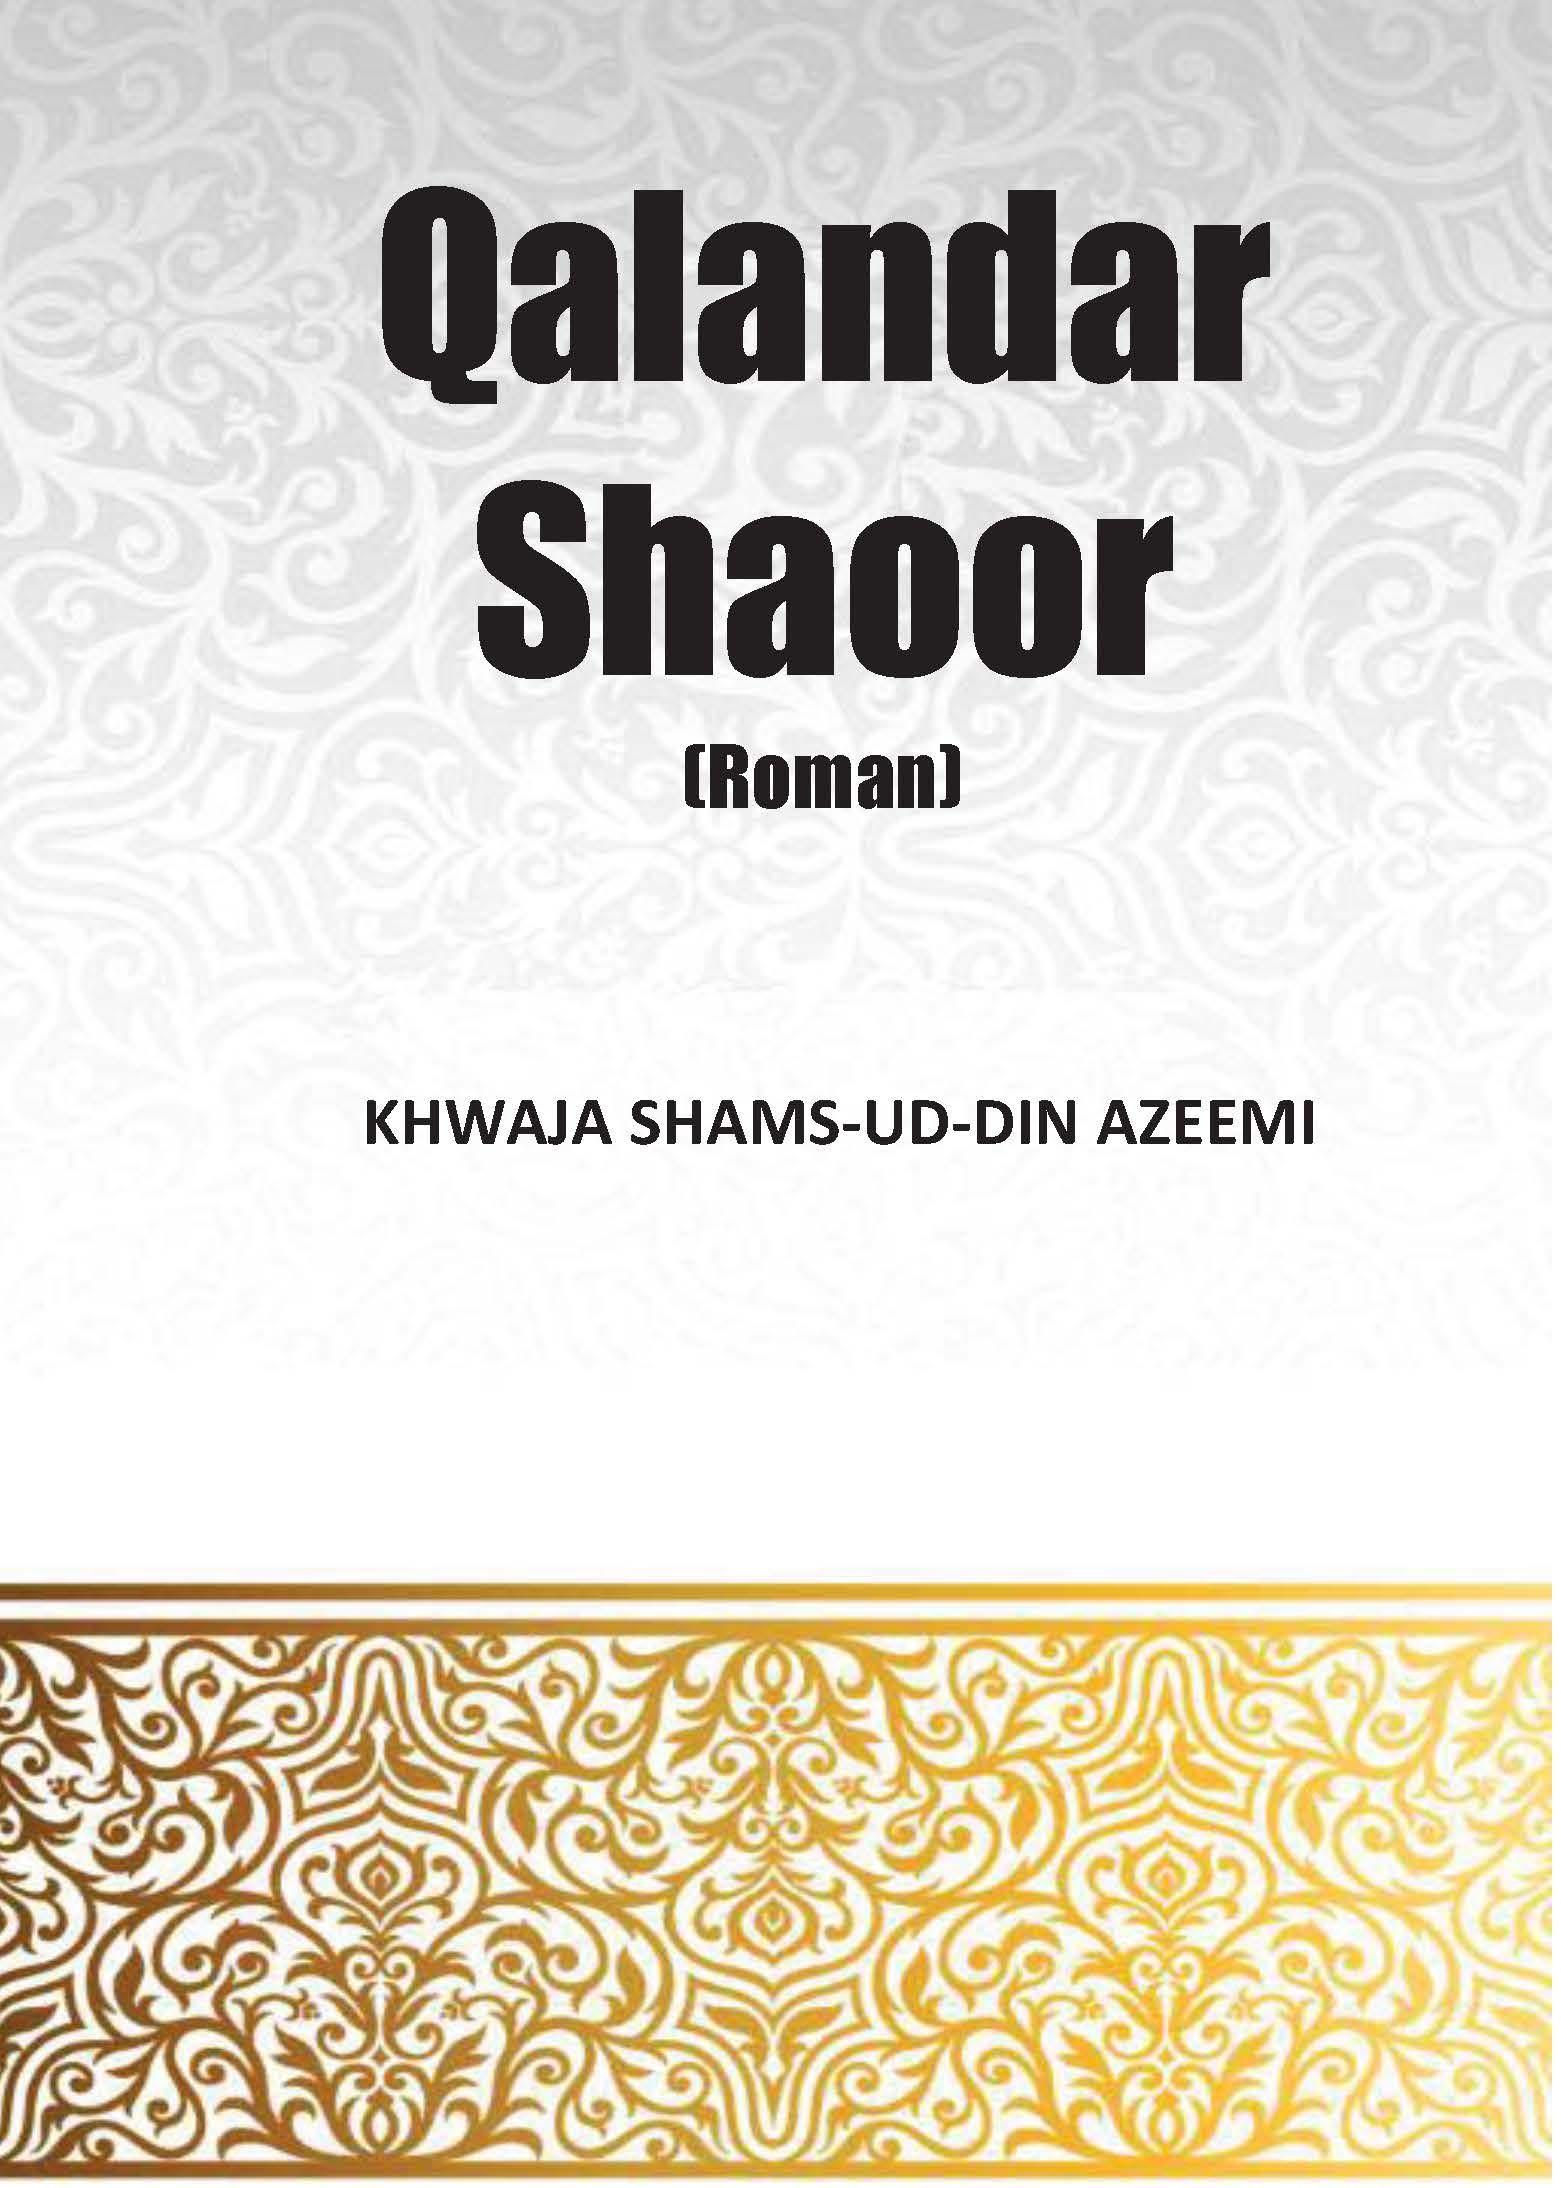 Qalandar Shaoor-Roman